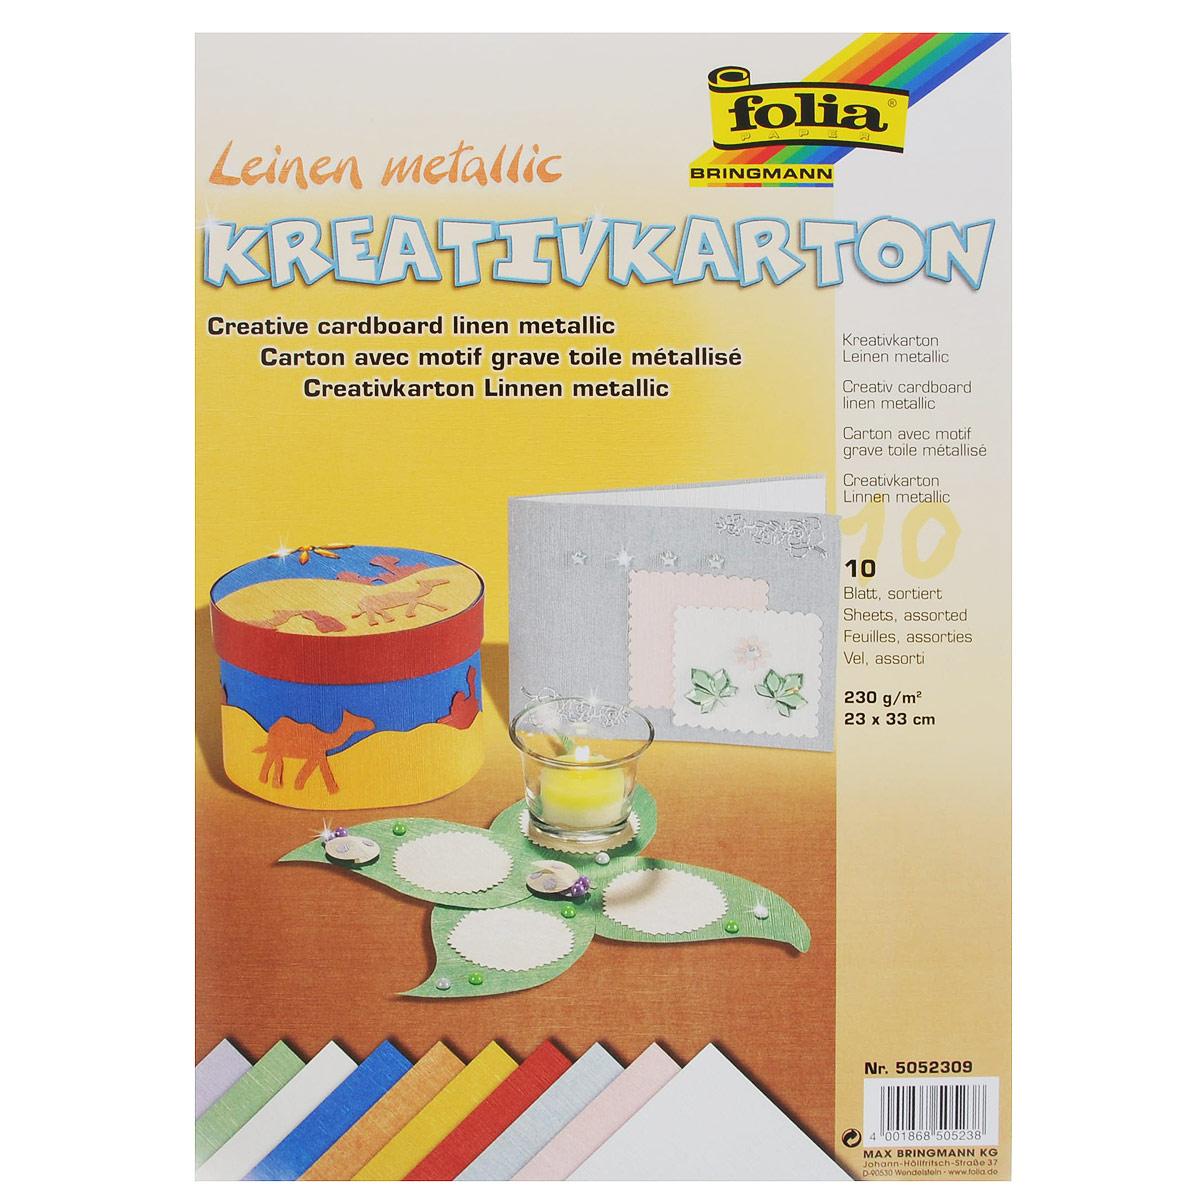 Картон текстурированный Folia Металлические линии, 23 x 33 см, 10 листов7708032Картон Folia Металлические линии с оригинальной текстурой идеально подходит для декора, скрапбукинга, создания поздравительных карточек, украшения интерьера, различных поделок и др. Картон прекрасно держит форму и отлично крепится. Размер листа: 23 см х 33 см. Плотность: 230 г/м2. Комплектация: 10 листов.